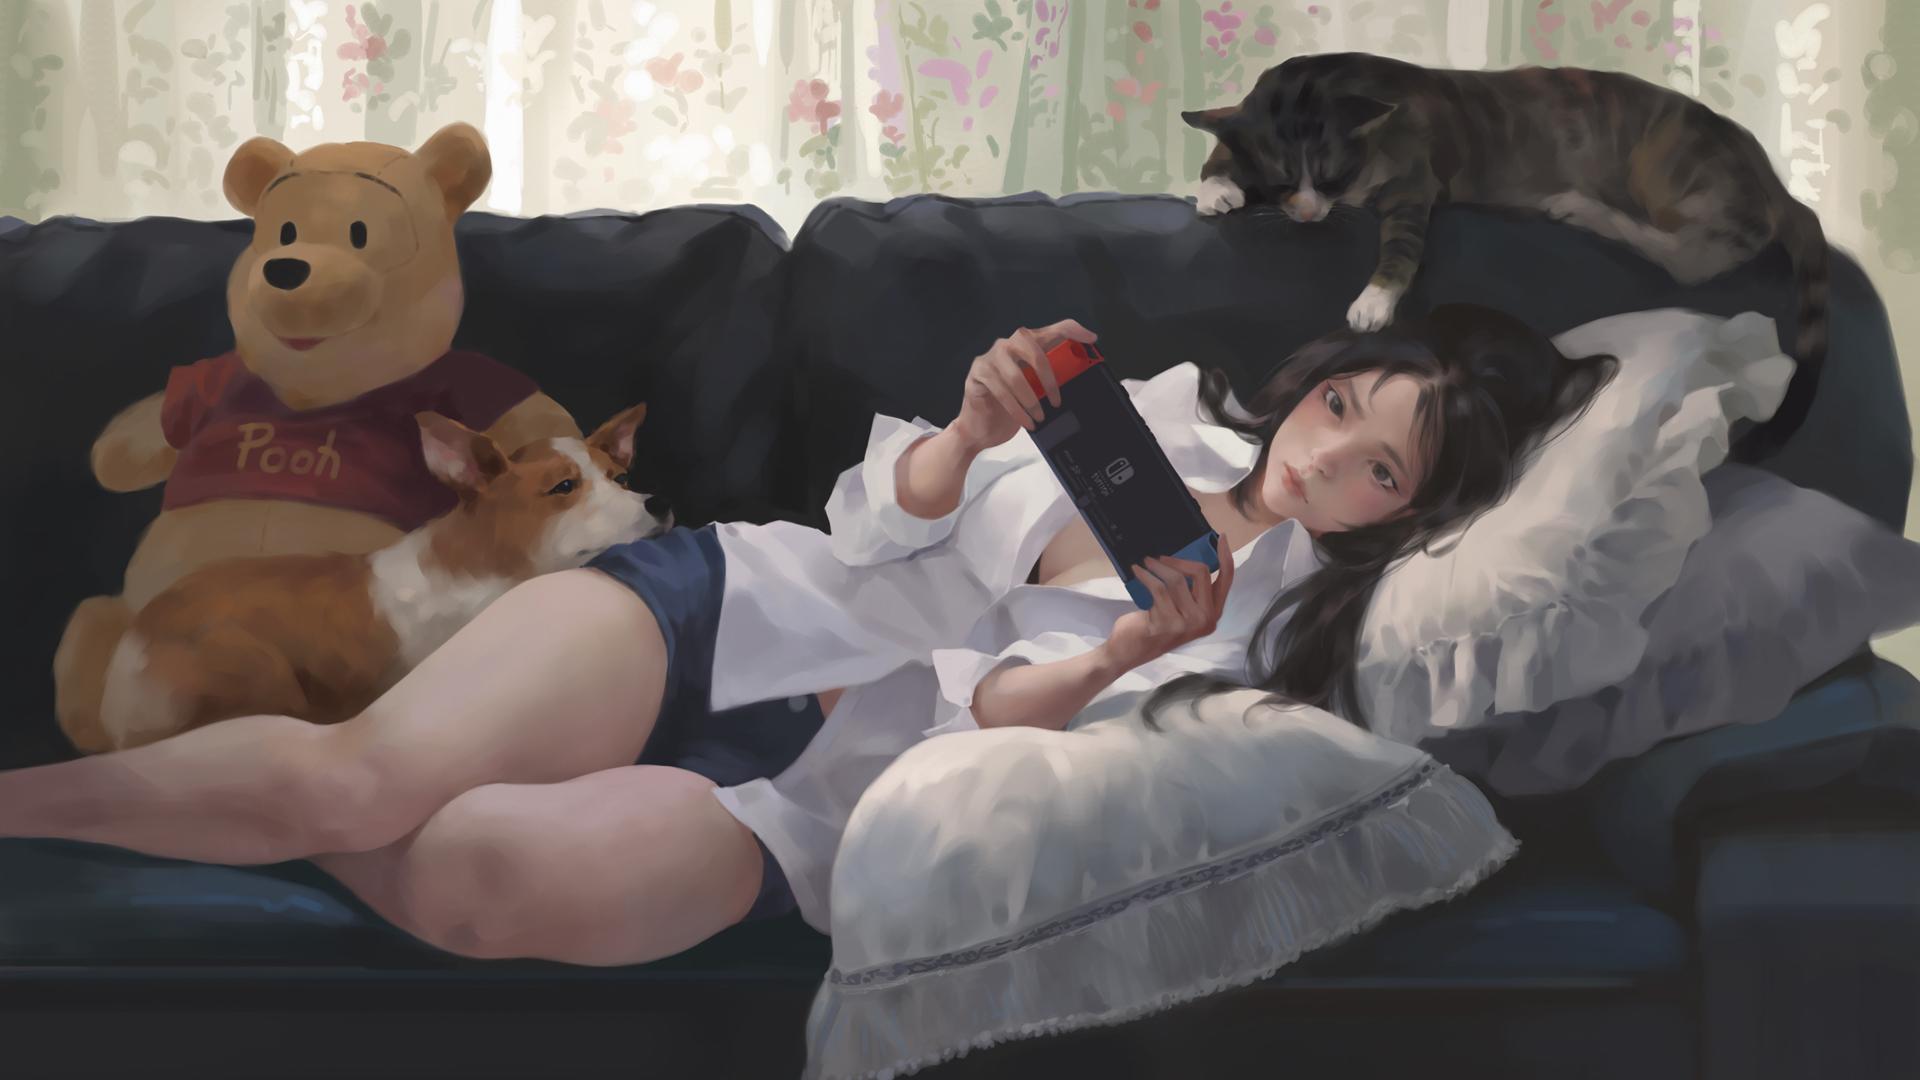 少女 看手机 沙发 猫 狗 小熊维尼 高清动漫壁纸